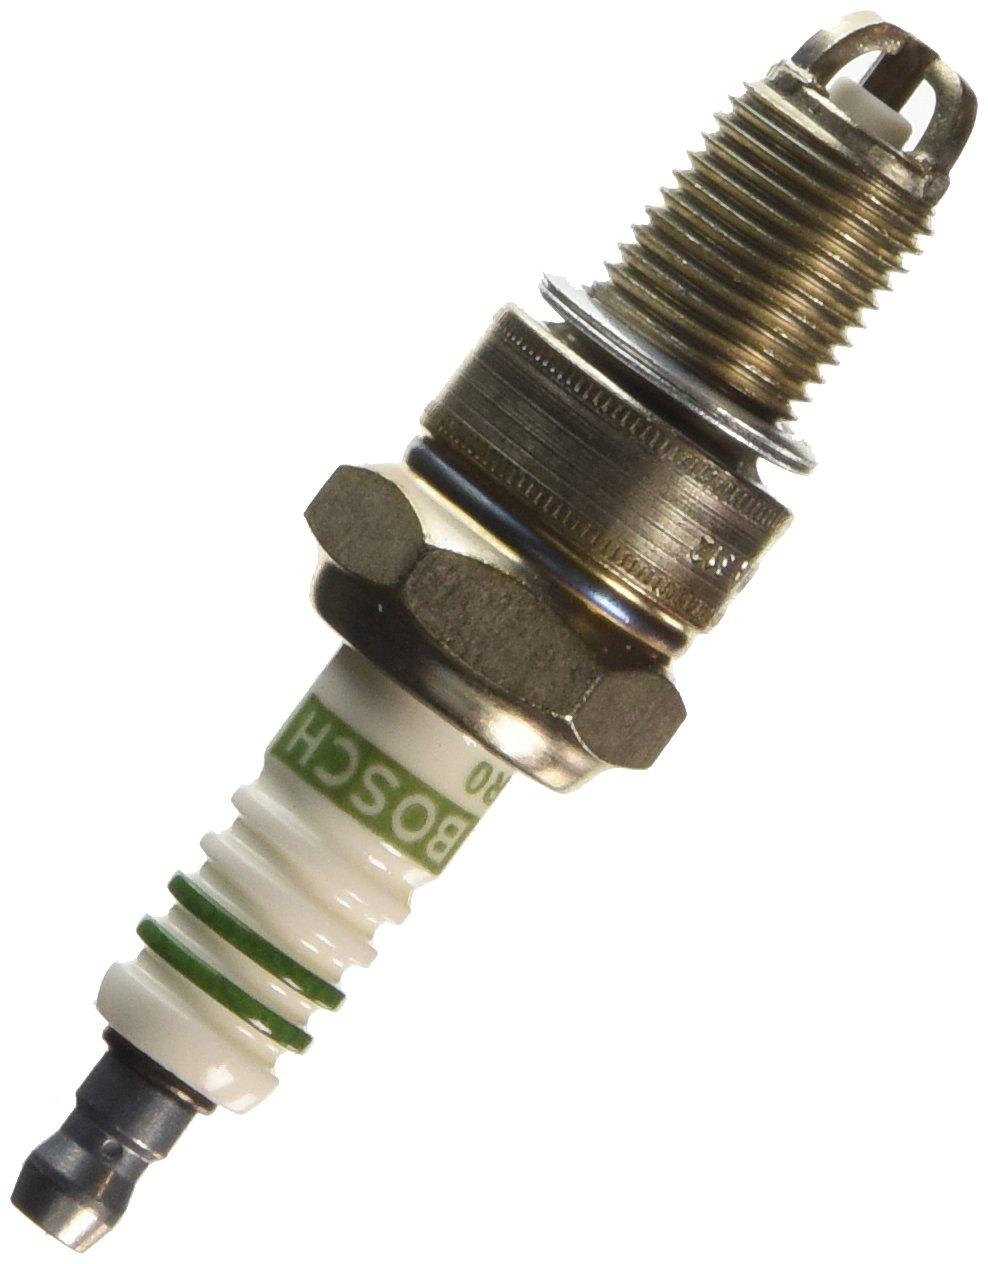 Amazon.com: Bosch Automotive 79022 Spark Plug: Automotive